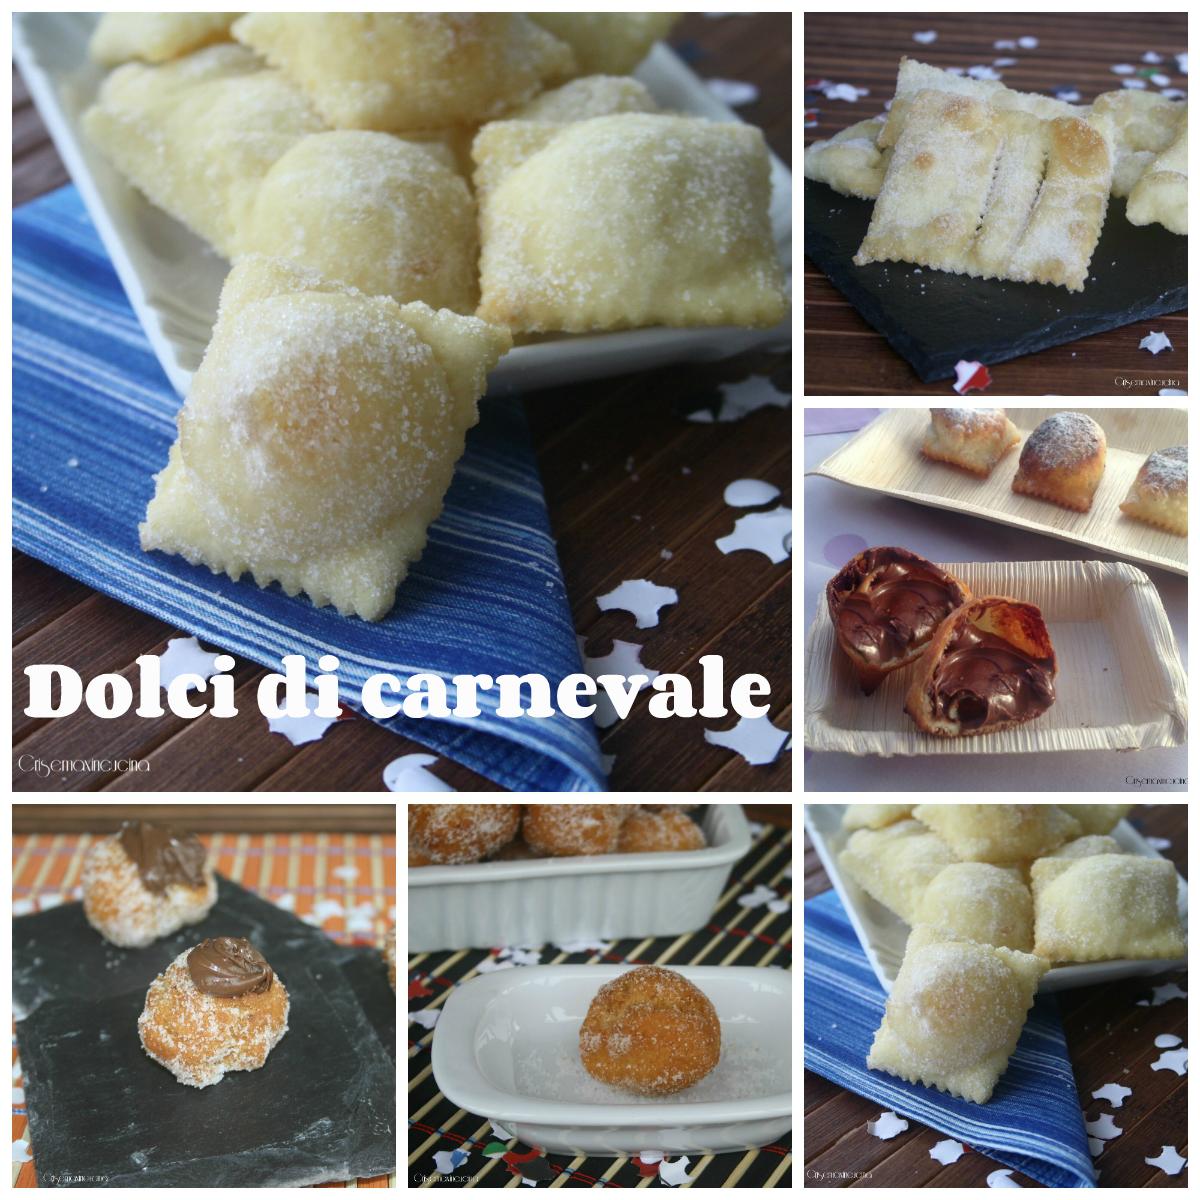 Dolci di carnevale raccolta di ricette for Ricette dolci di carnevale